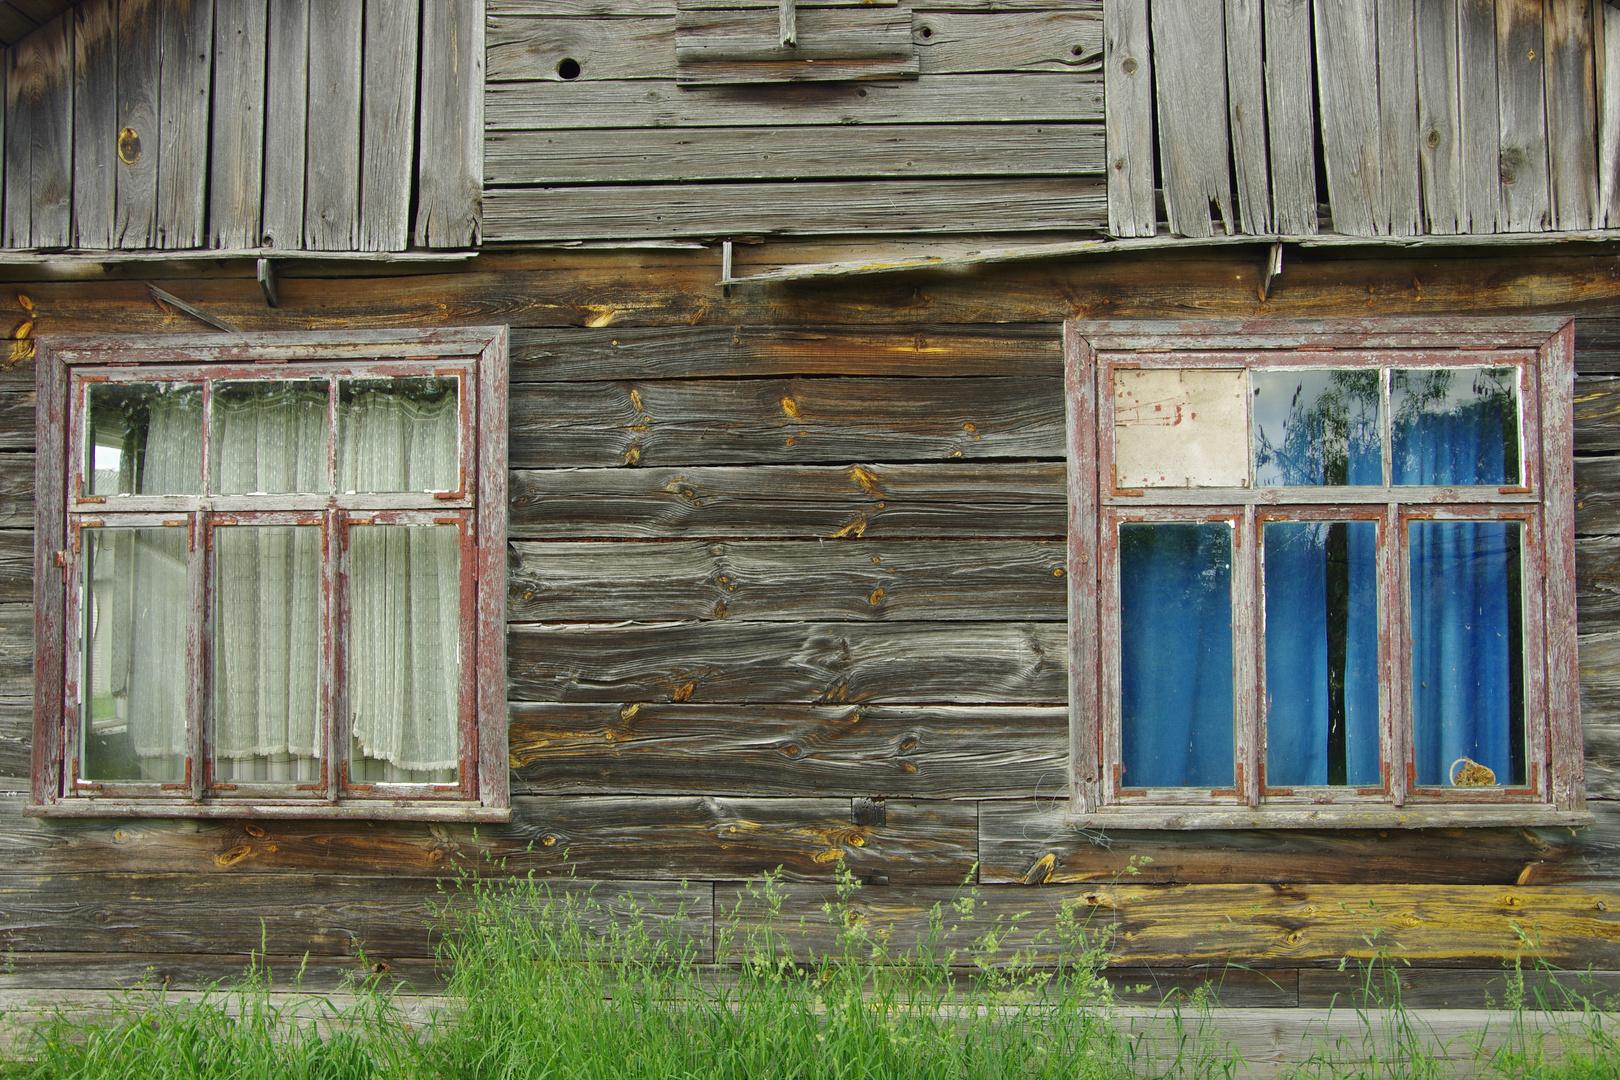 gezeichnete Fassade in Holz